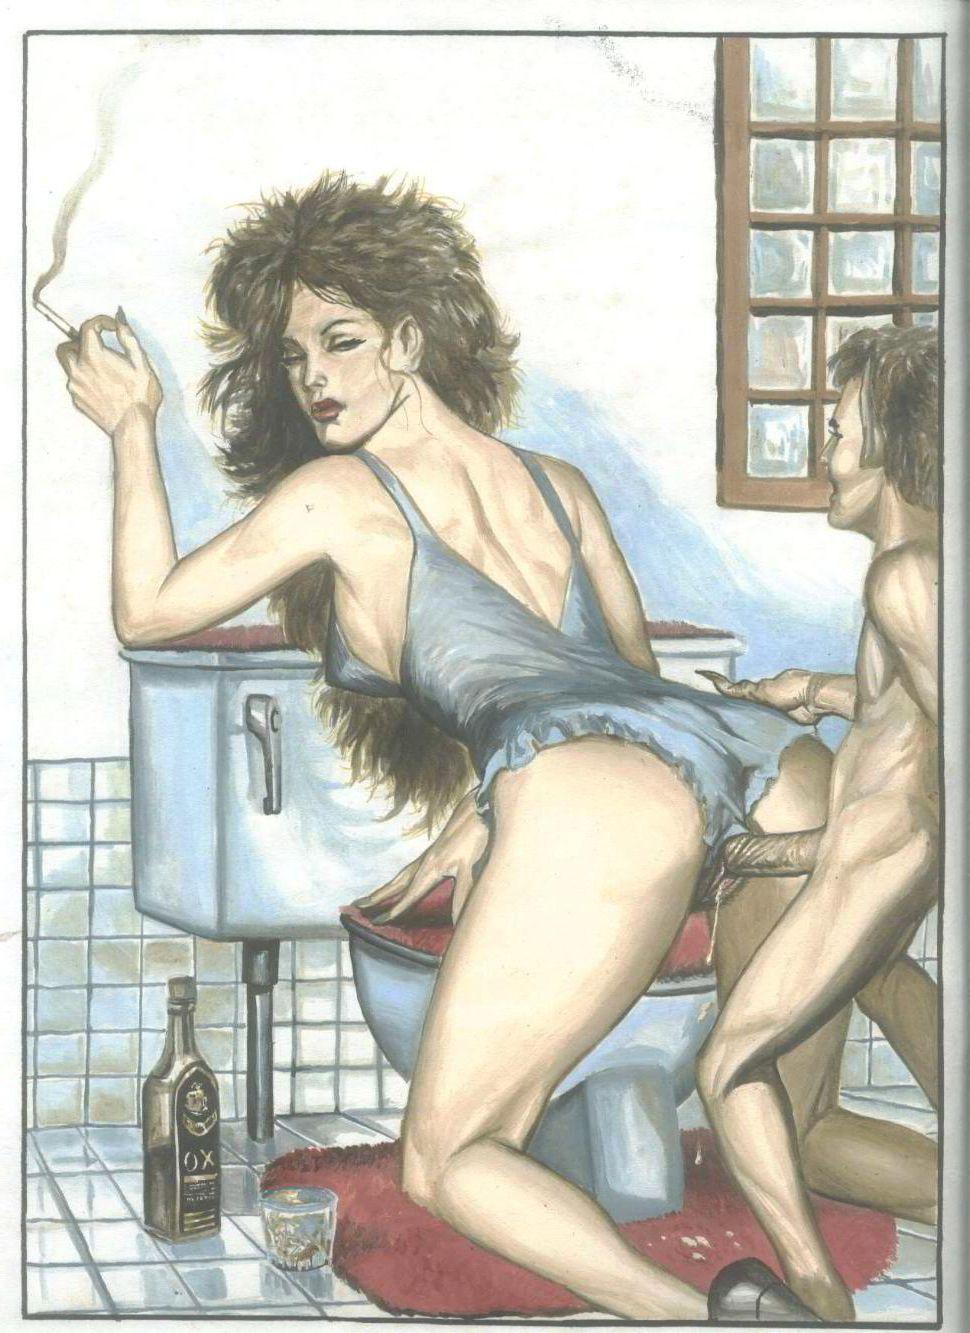 Dream cartoon mom son sex photos